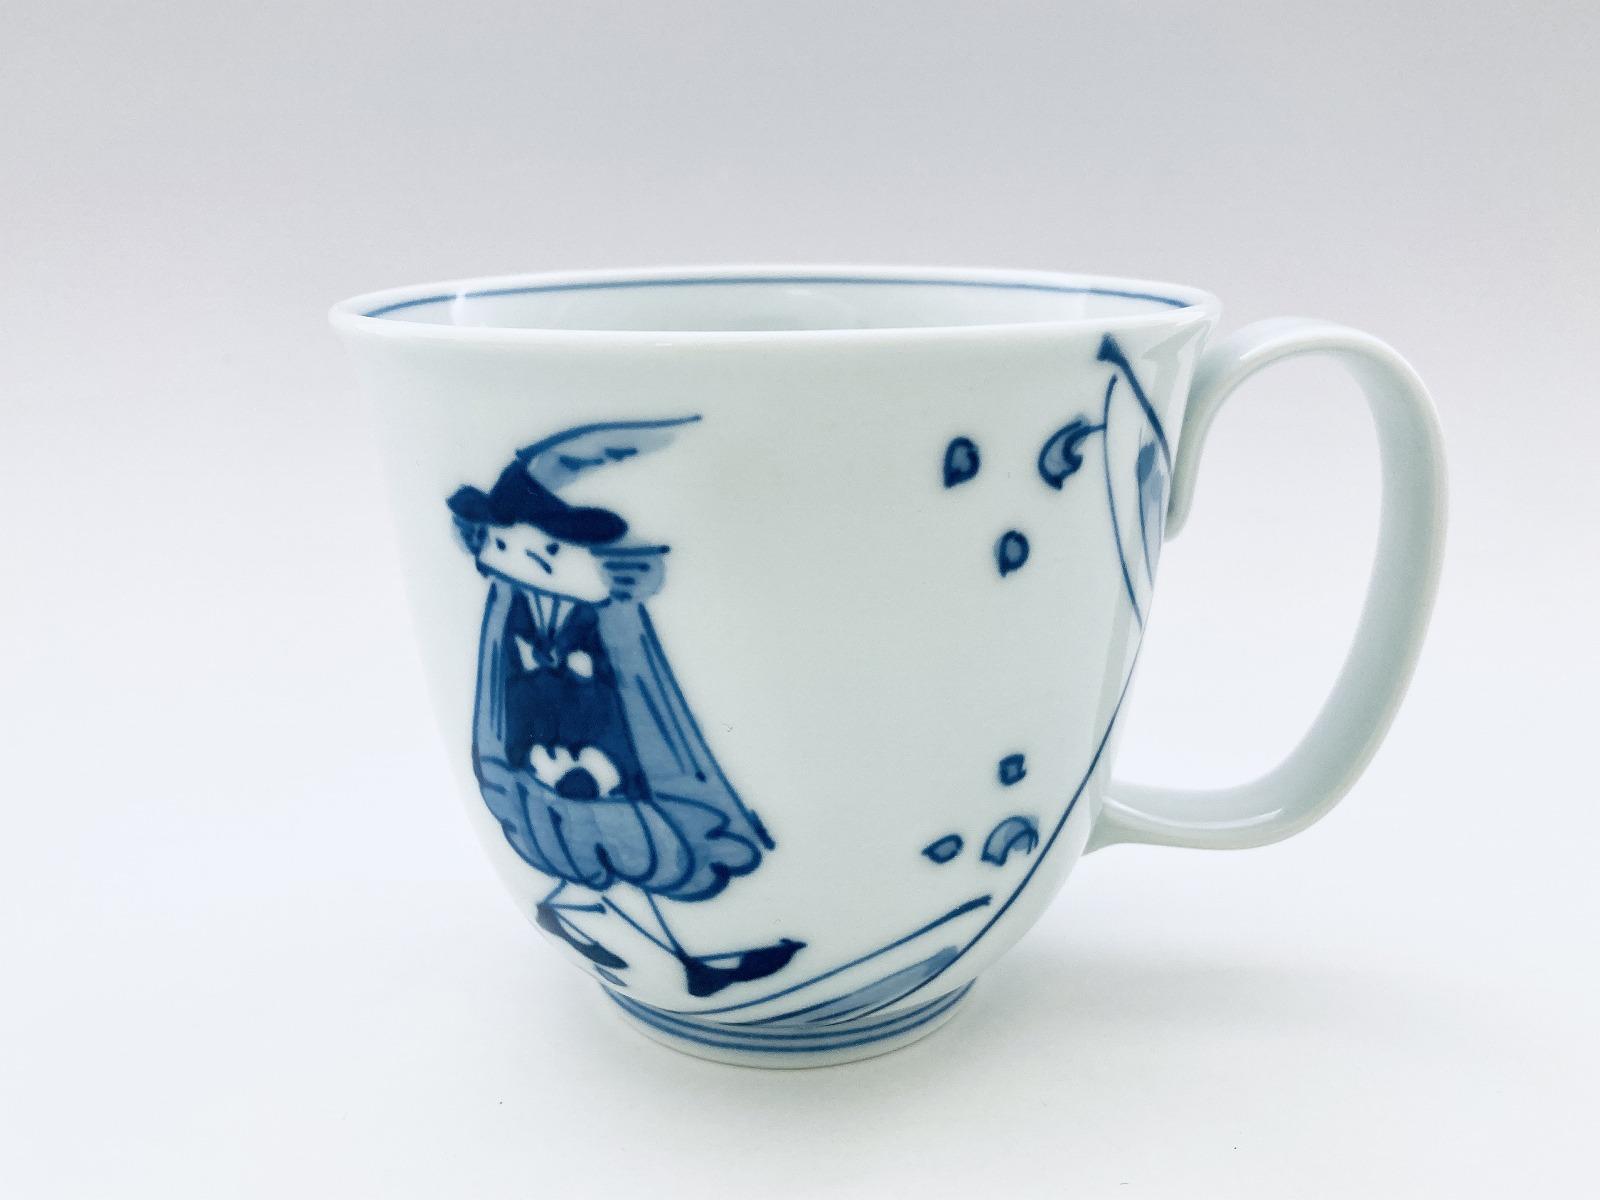 紅毛青花フリーマグカップ(大)しん窯青花